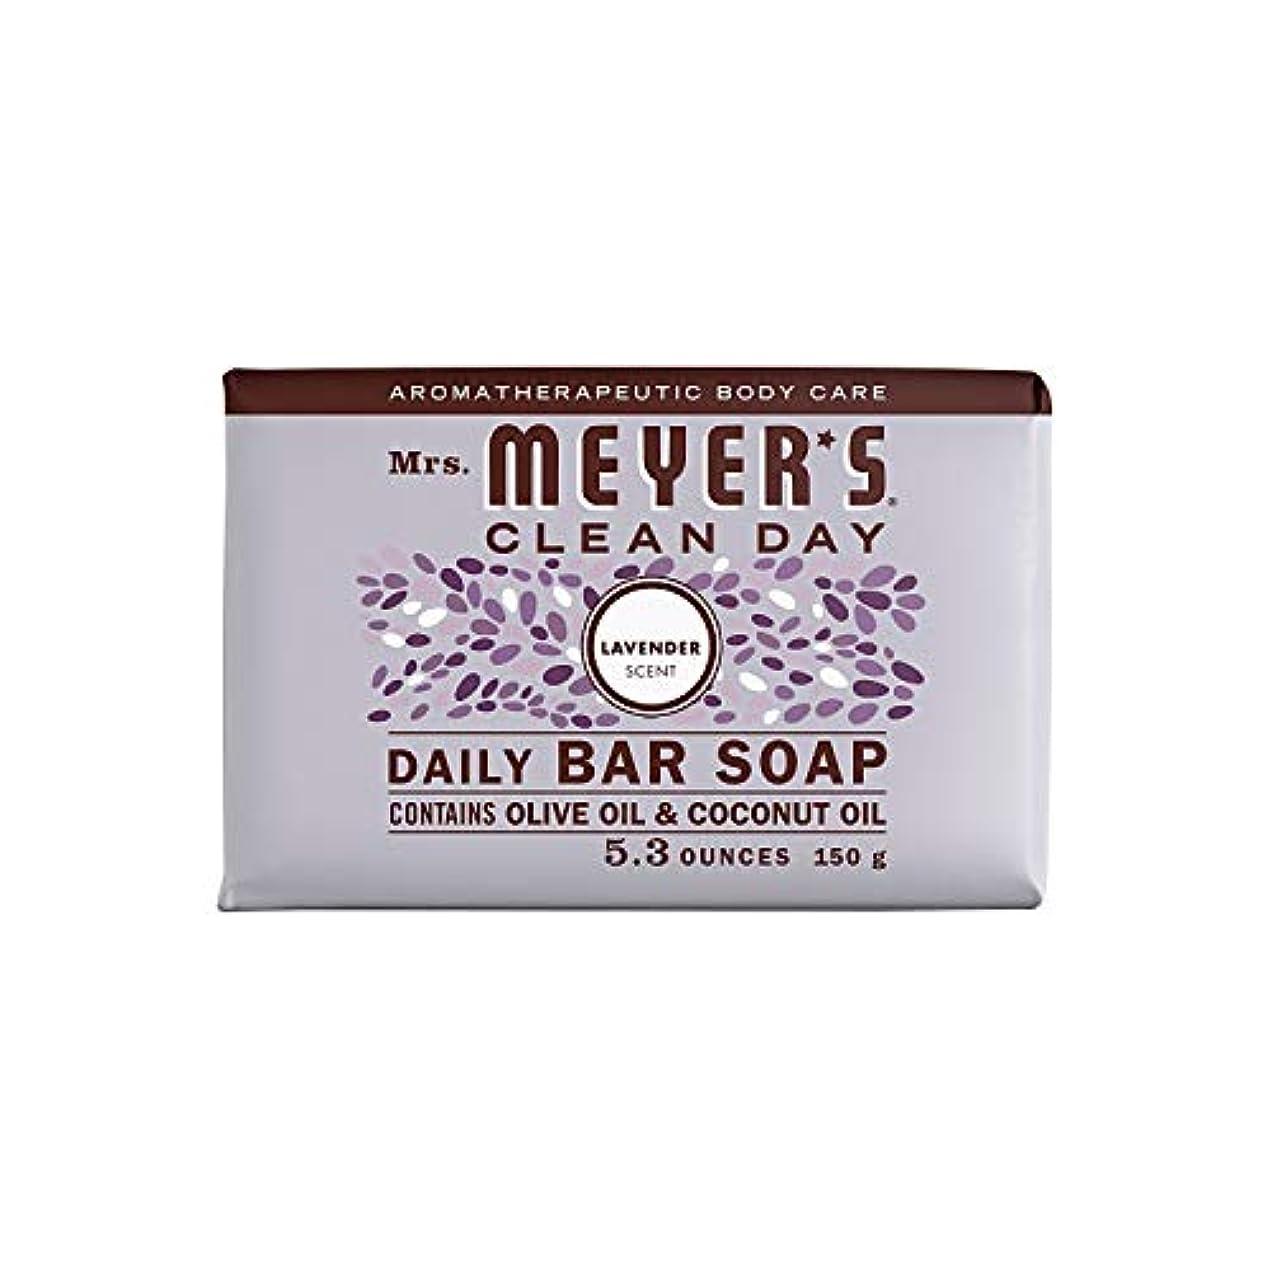 マティストラックケープBar Soap - Lavender - 5.3 oz - Case of 12 by Mrs. Meyer's